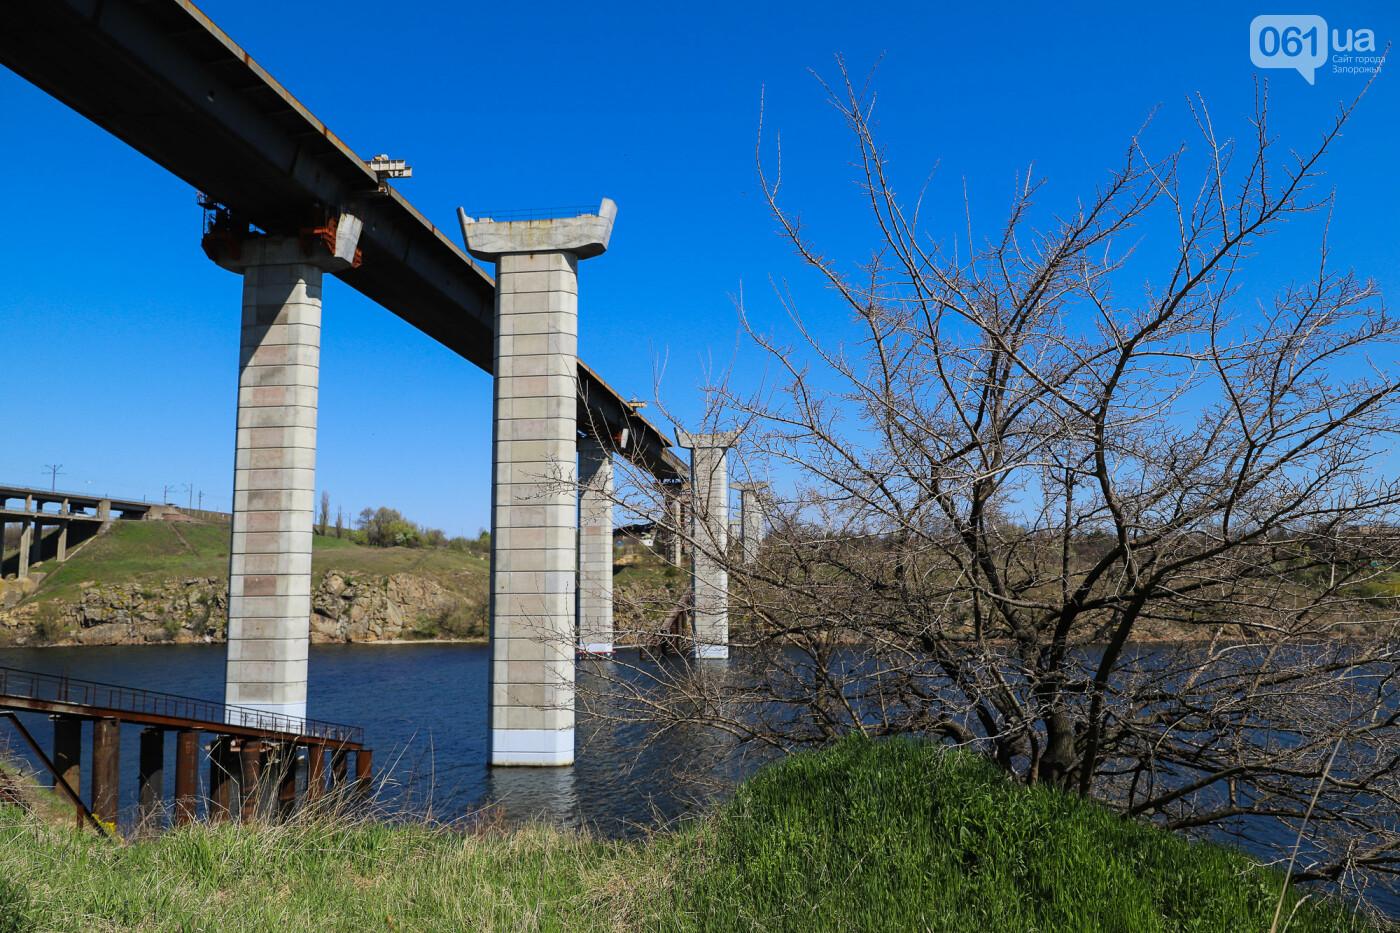 На запорожские мосты выделено 2,7 миллиарда: что сейчас проиходит стройплощадке, - ФОТОРЕПОРТАЖ, фото-36